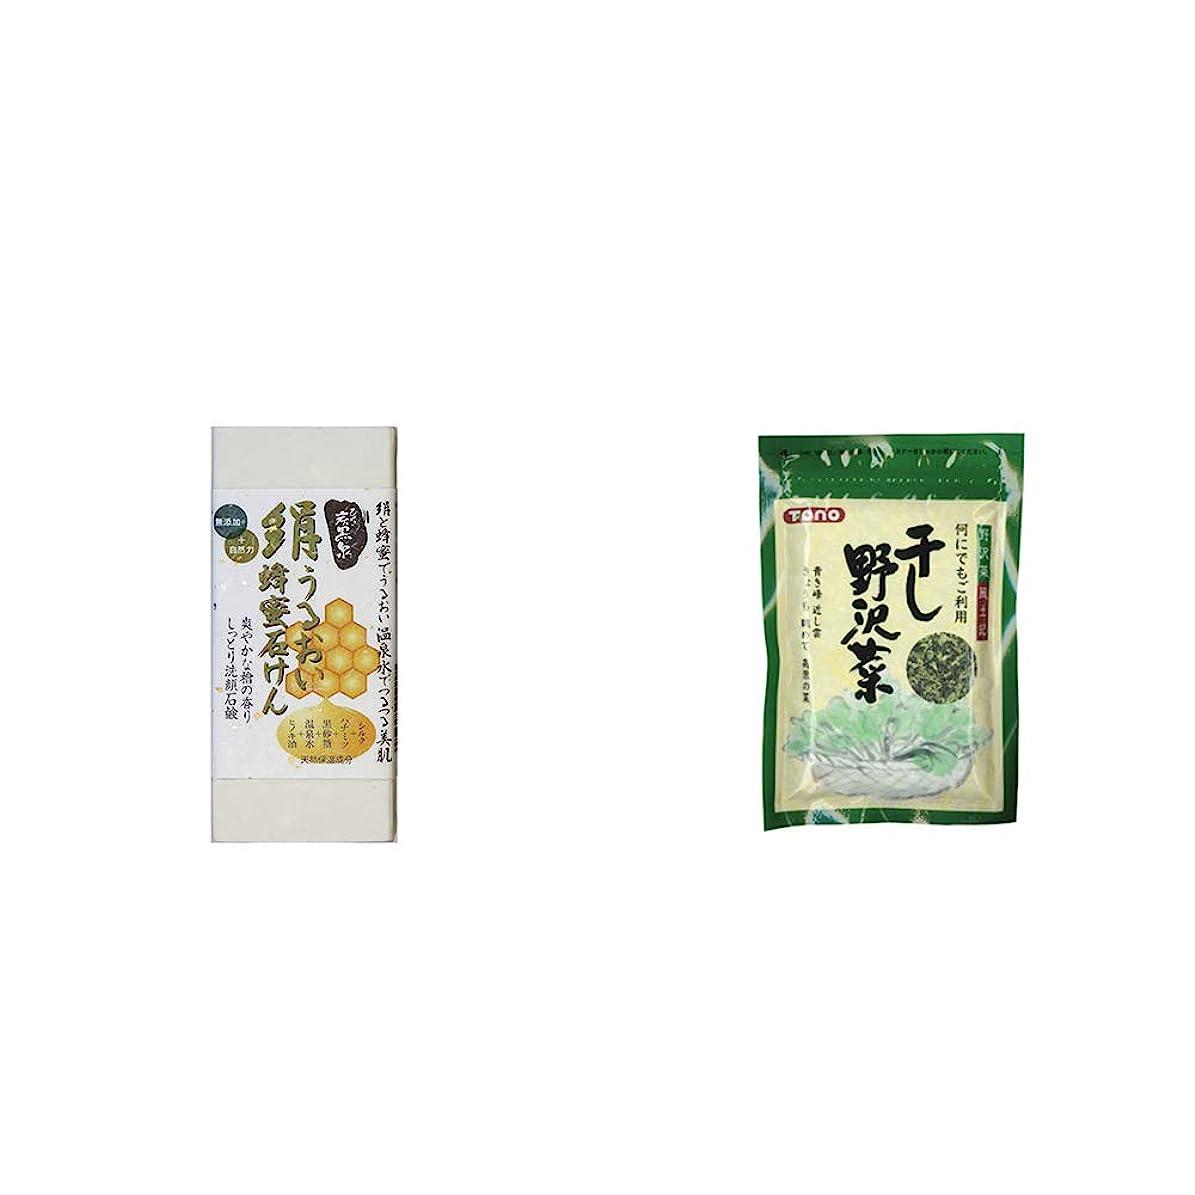 改革不明瞭劇場[2点セット] ひのき炭黒泉 絹うるおい蜂蜜石けん(75g×2)?干し野沢菜(100g)